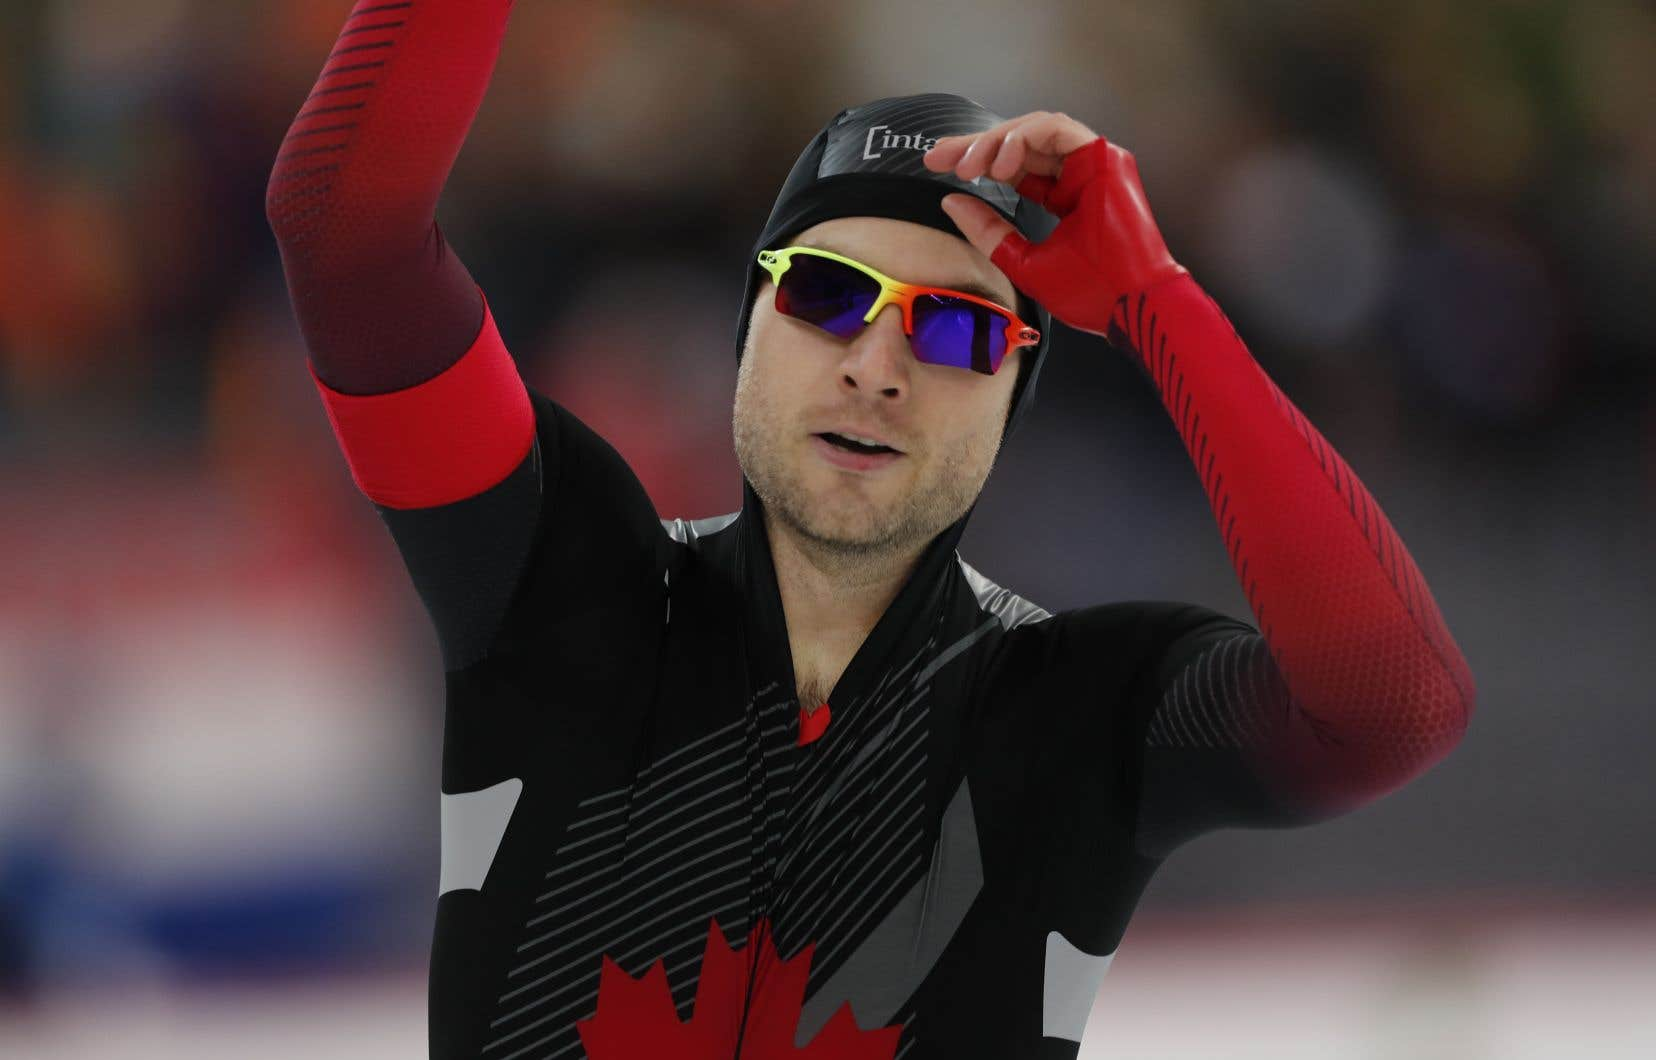 Cette médaille d'argent lui permet de devenir le quatrième Canadien à monter sur le podium en 50 ans d'histoire aux Championnats du monde de sprint.